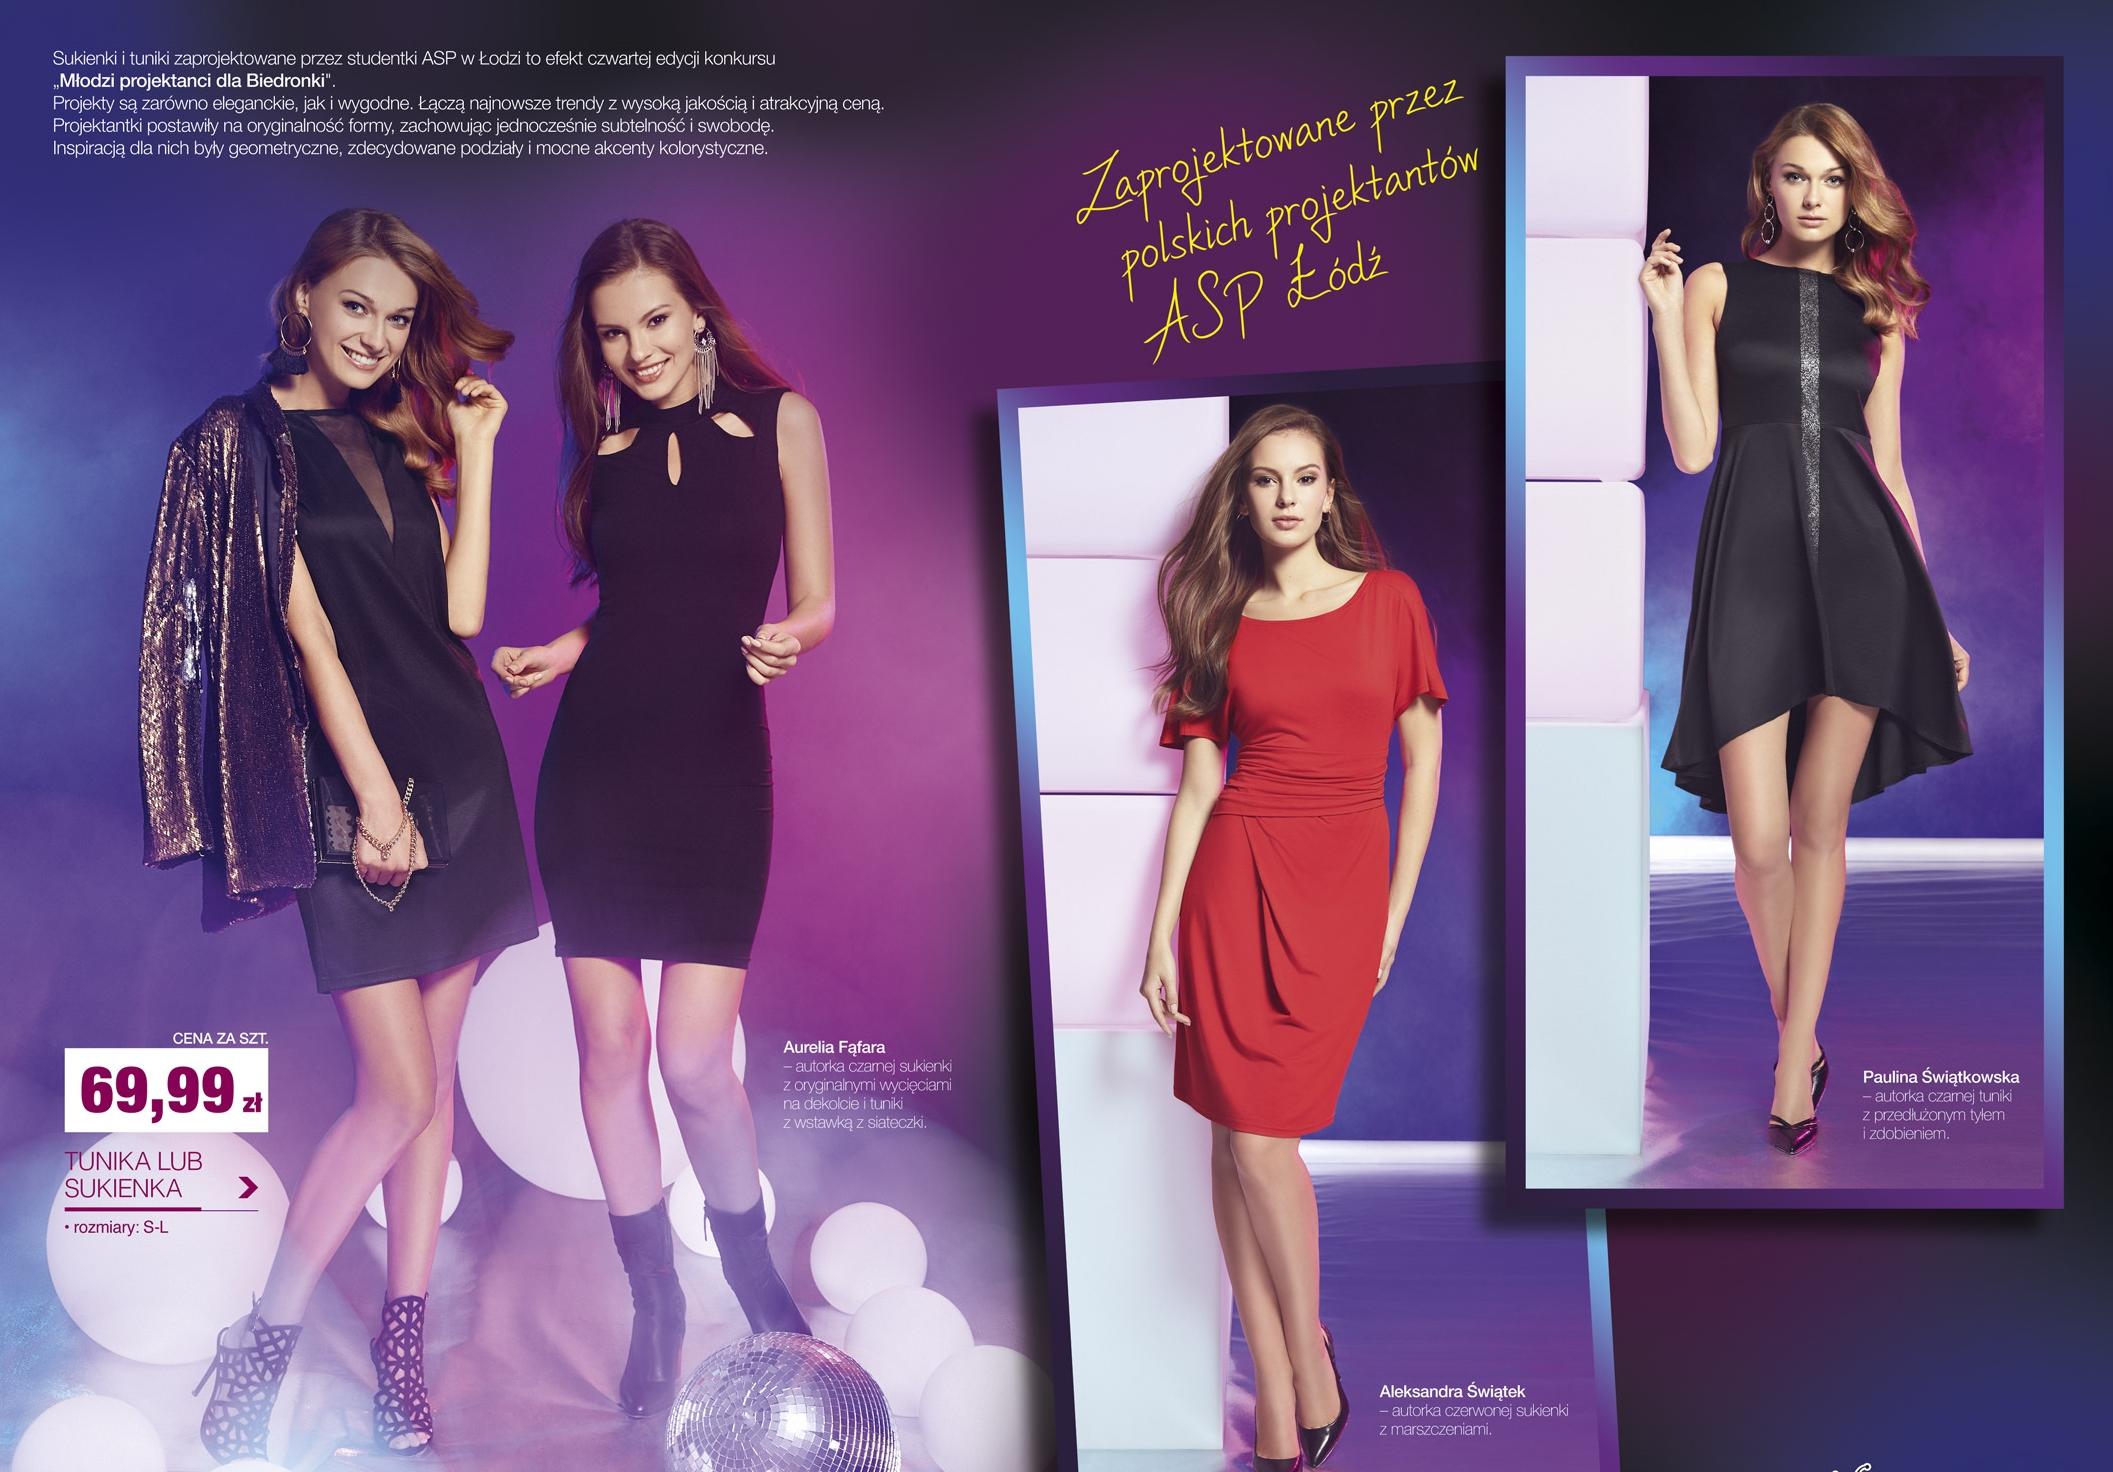 37a9c03c5a Sylwestrowe sukienki w Biedronce! Zaprojektowały je trzy studentki ...